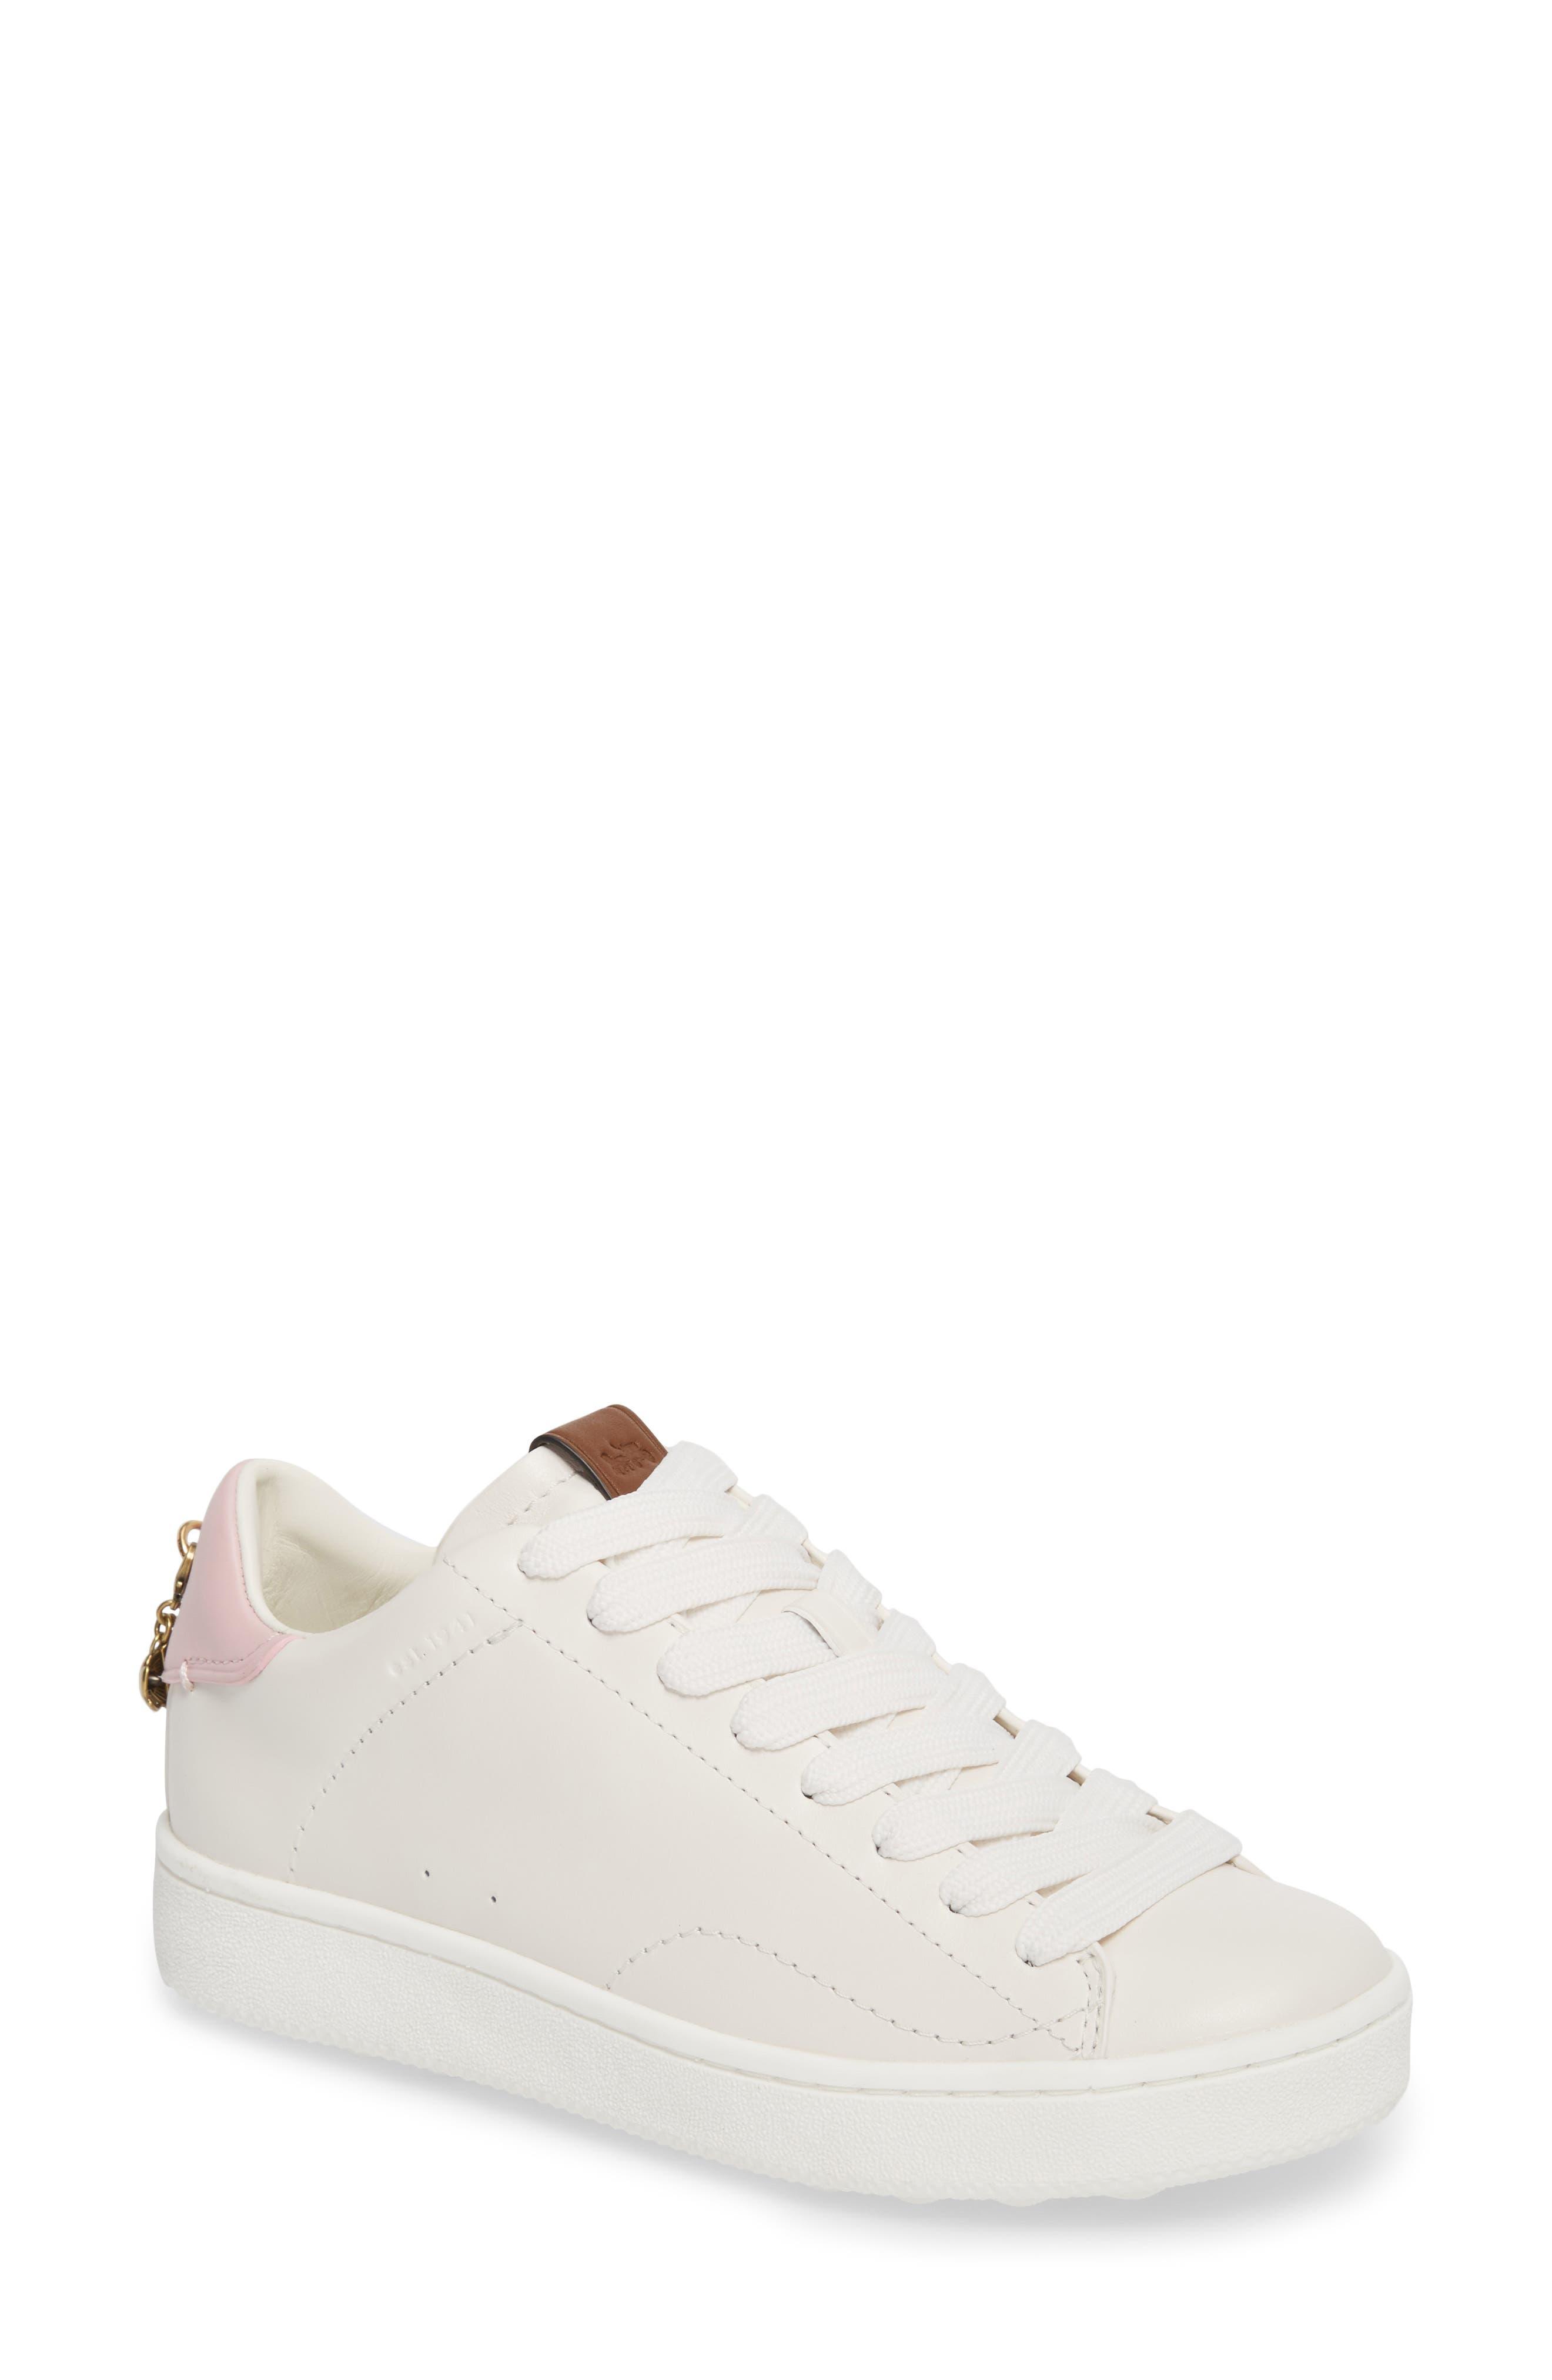 COACH Sneaker (Women)